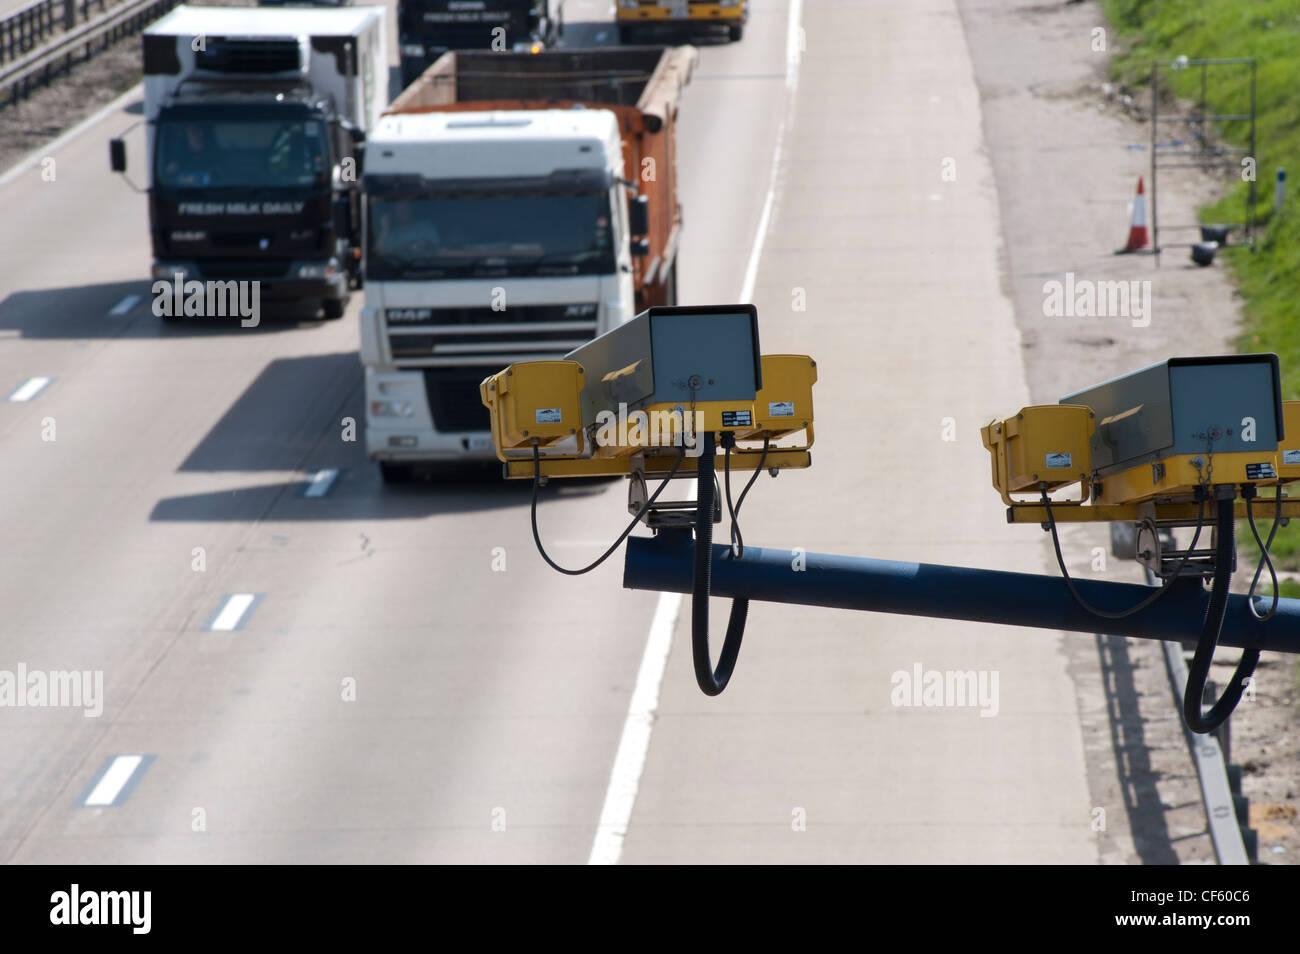 Circuito Fechado De Tv : Cctv circuito fechado de televisão monitorar o tráfego na m em